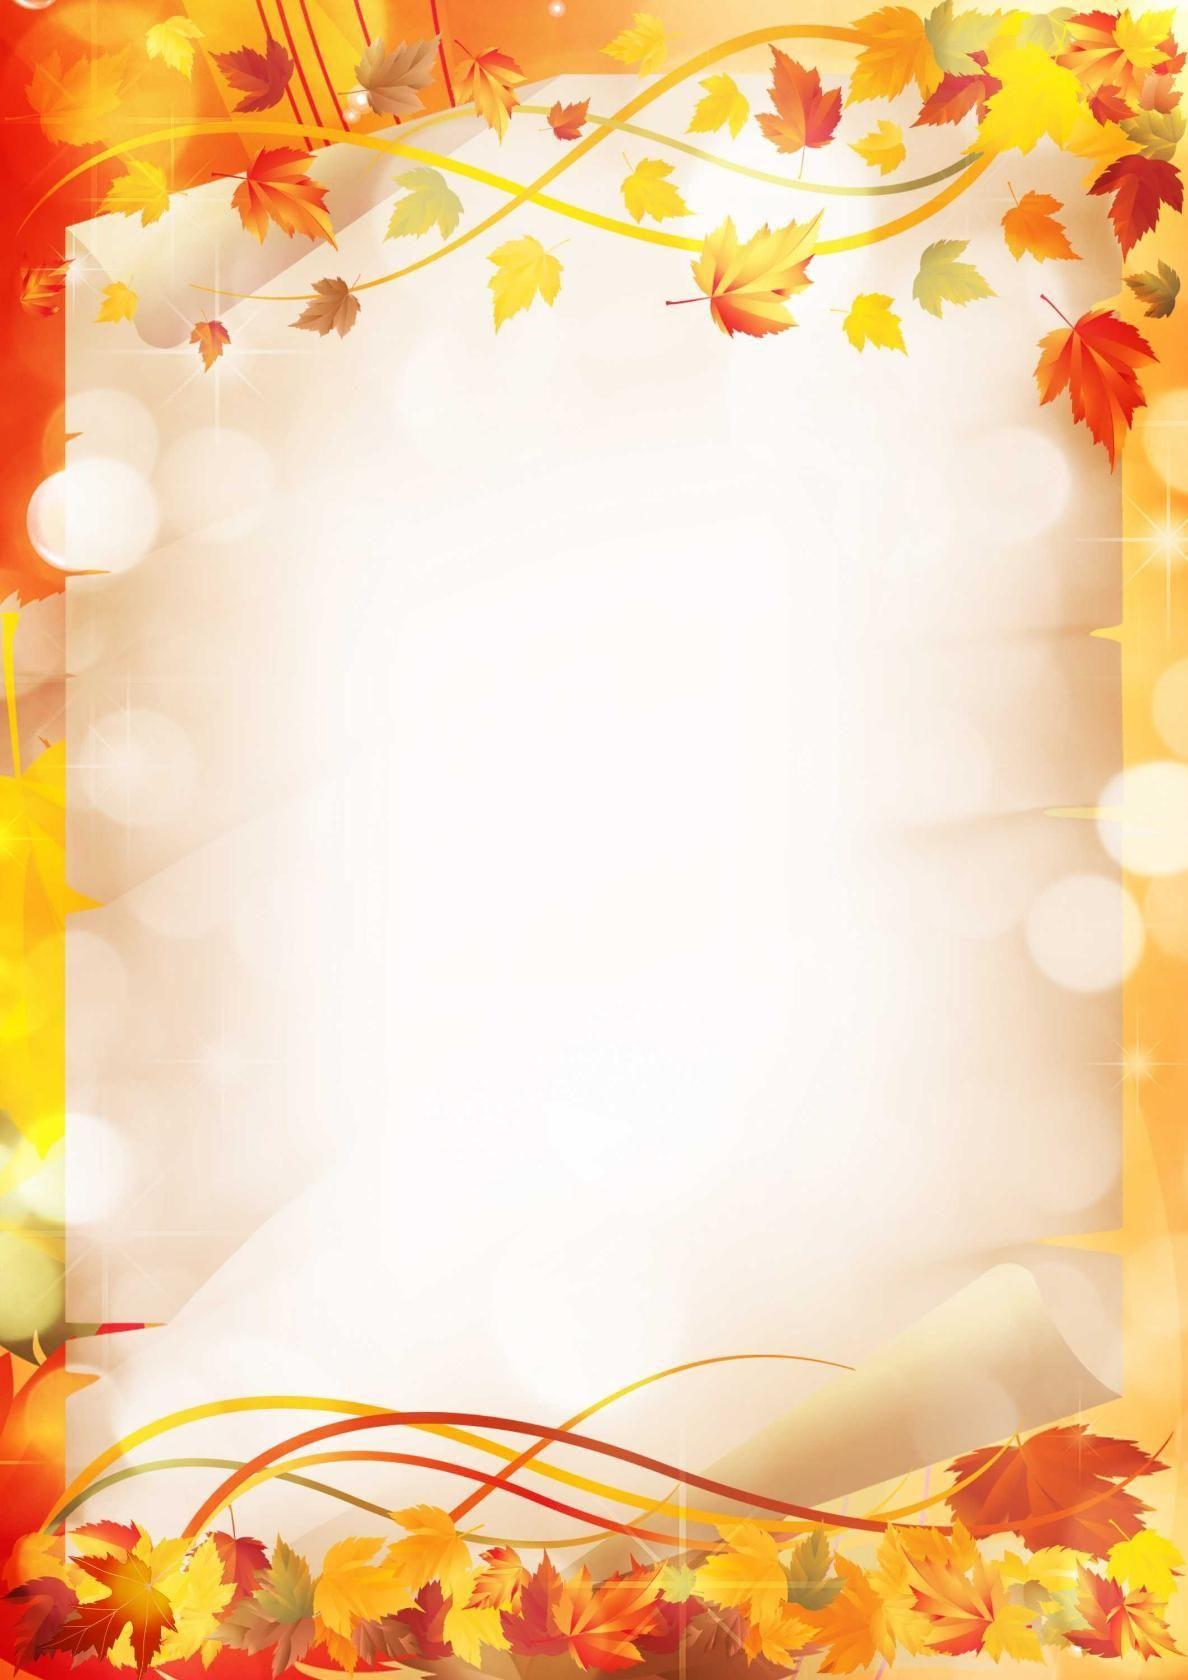 Открытки музыкальные, фон для открытки на день рождения осенью